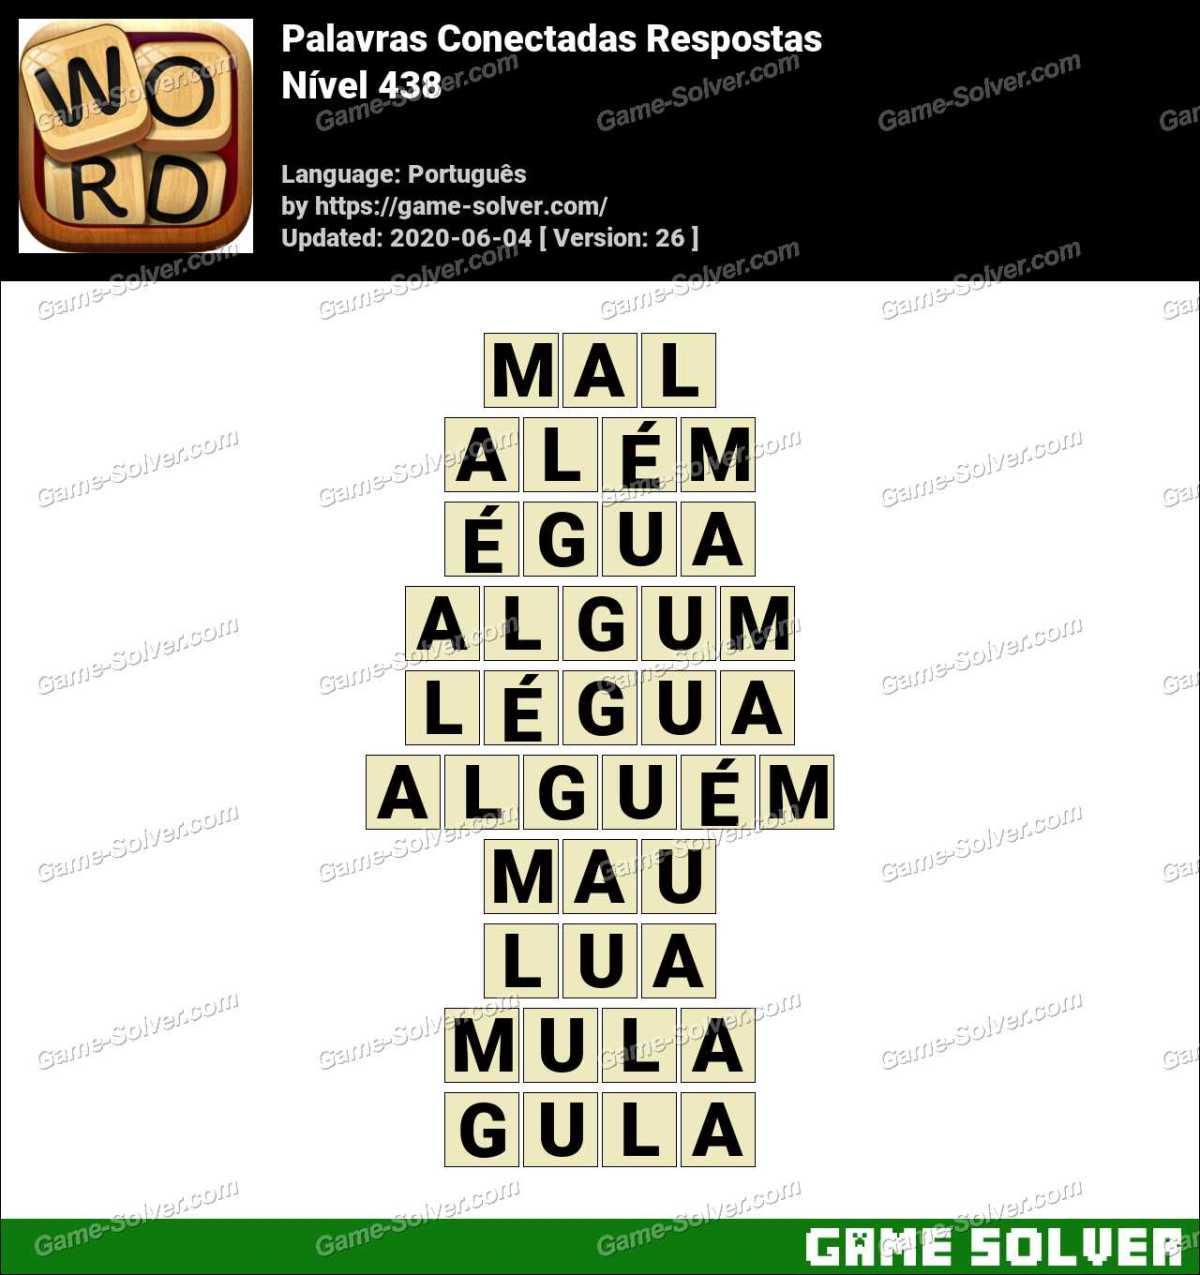 Palavras Conectadas Nivel 438 Respostas